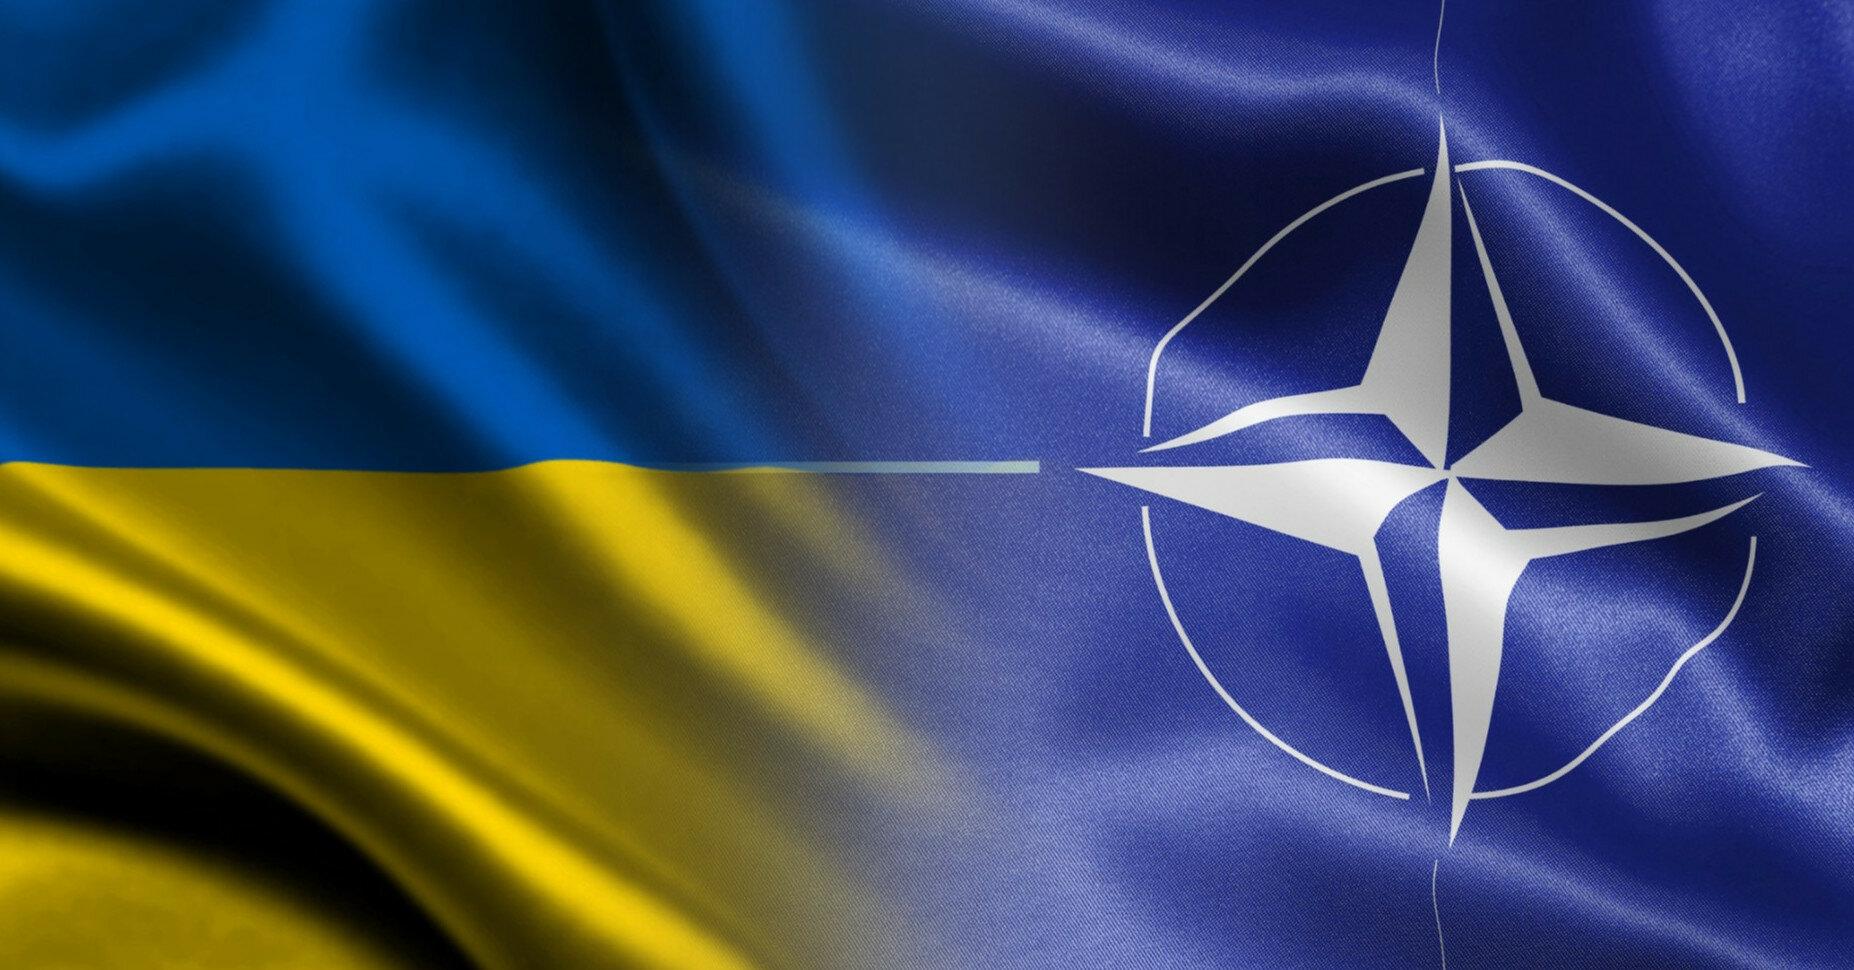 Украина может вступить в НАТО во время войны – посол